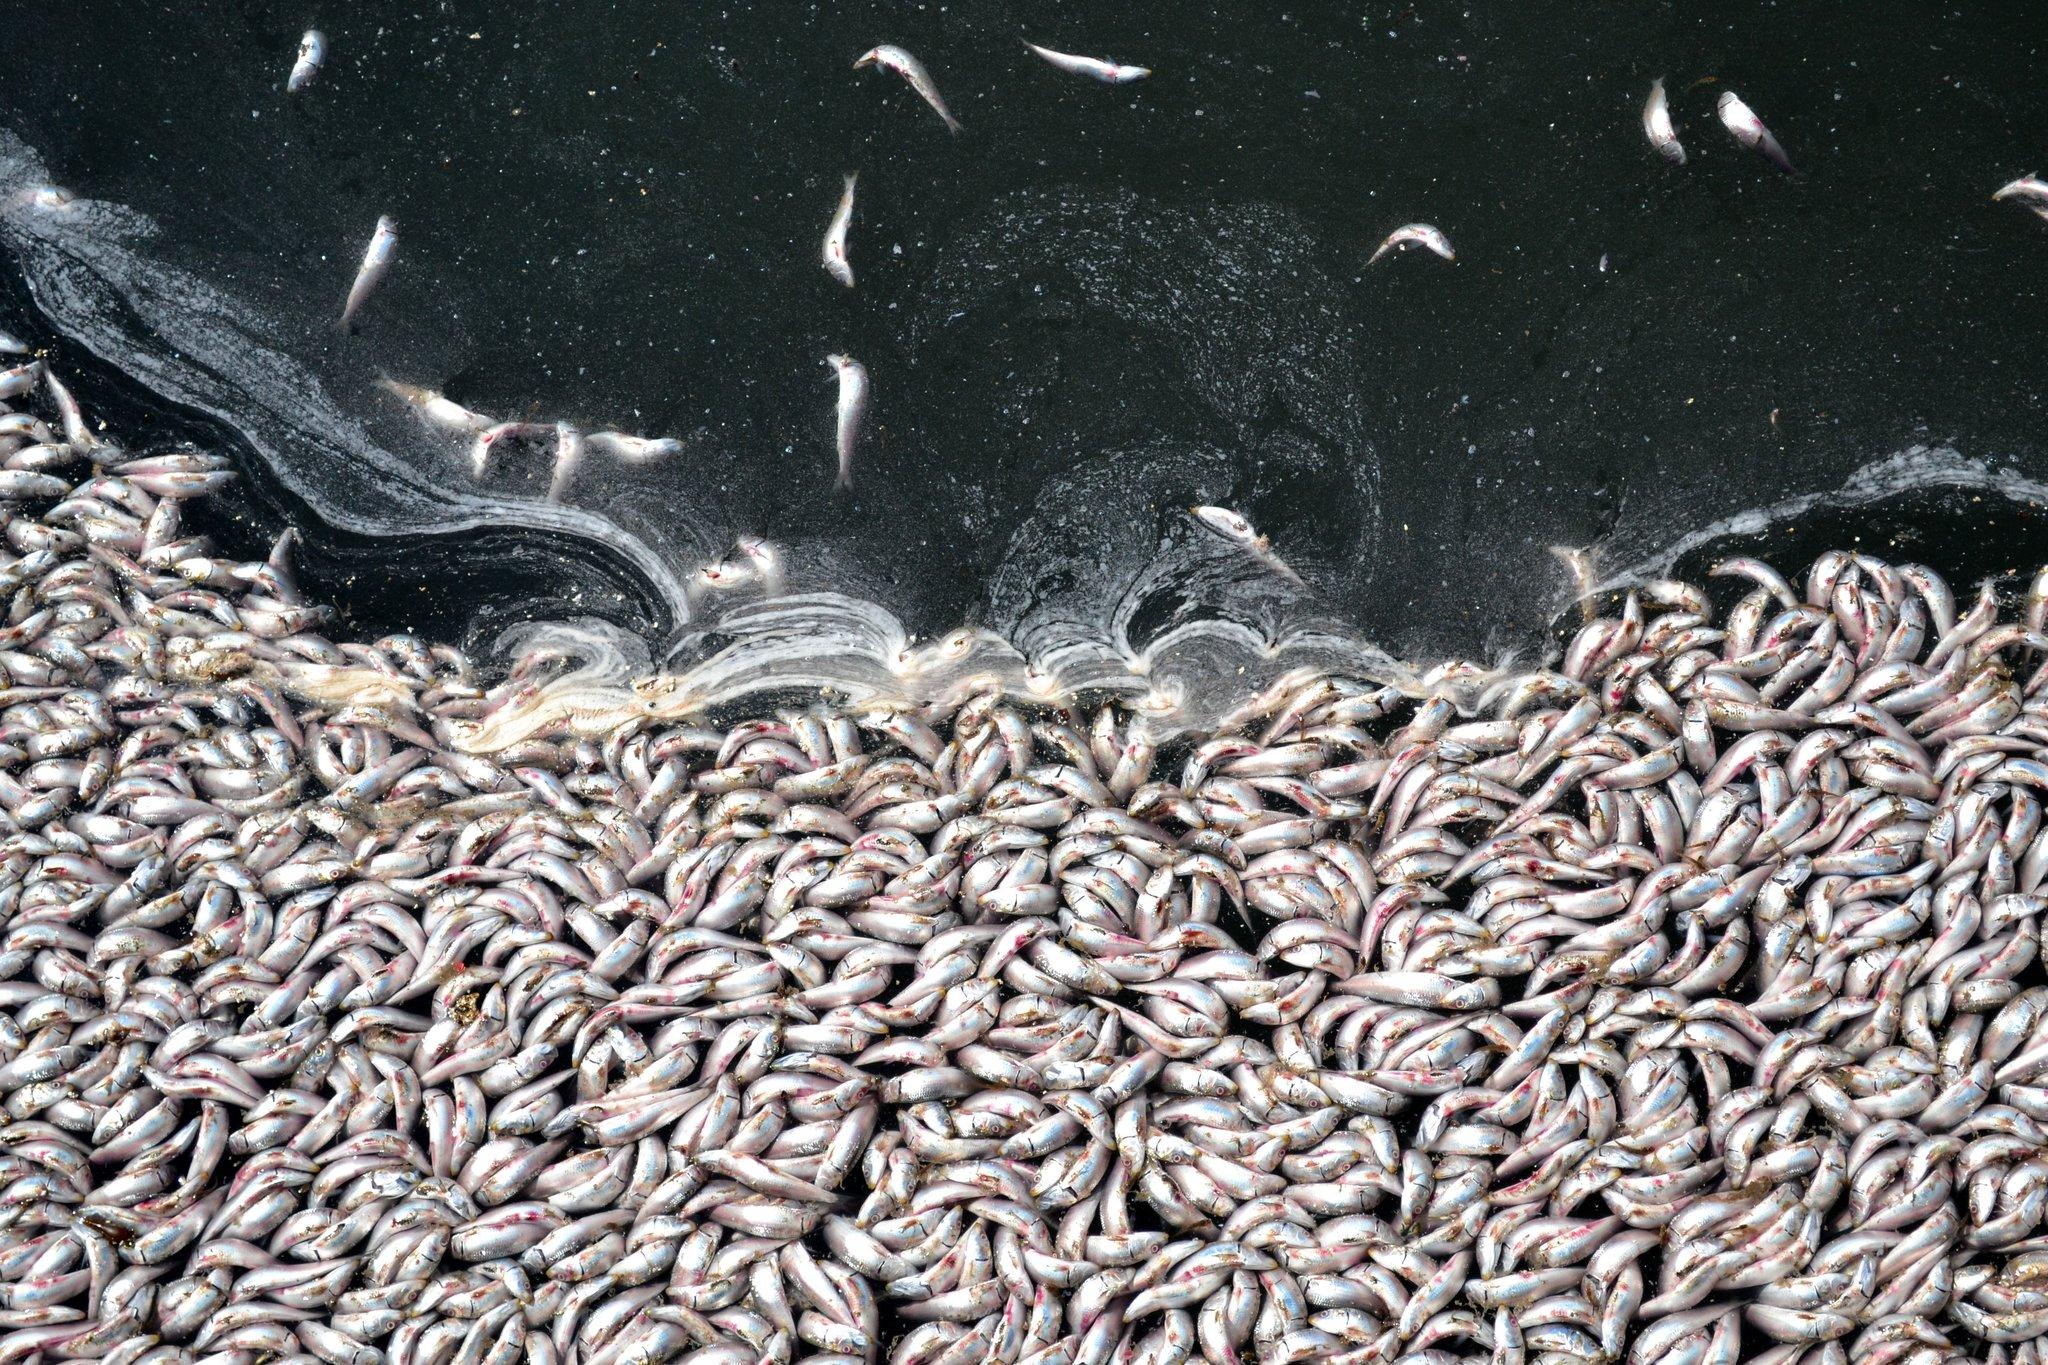 Oceanos Do Mundo Estão Perdendo Oxigênio Rapidamente